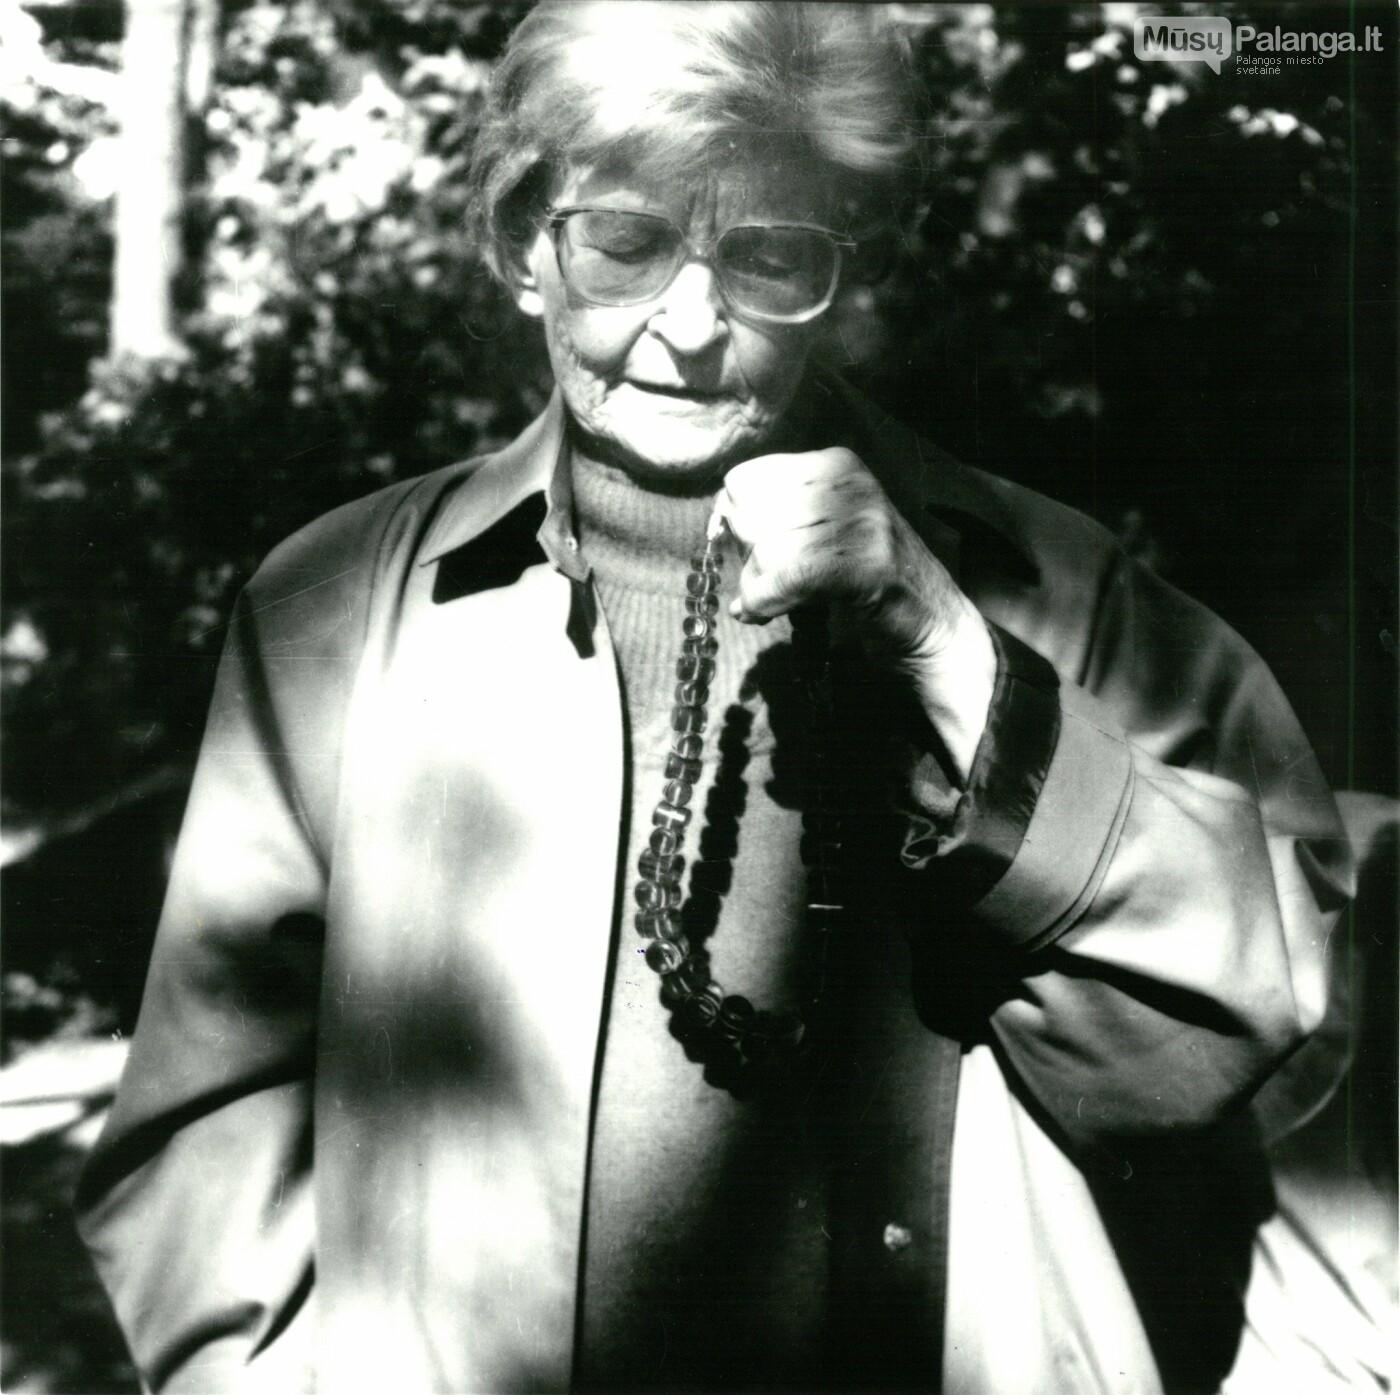 Minime prof. Marijos Gimbutienės 100-ąsias gimimo metines, nuotrauka-3, Algirdo Tarvydo nuotr./ Iš Palangos kurorto muziejaus fondų